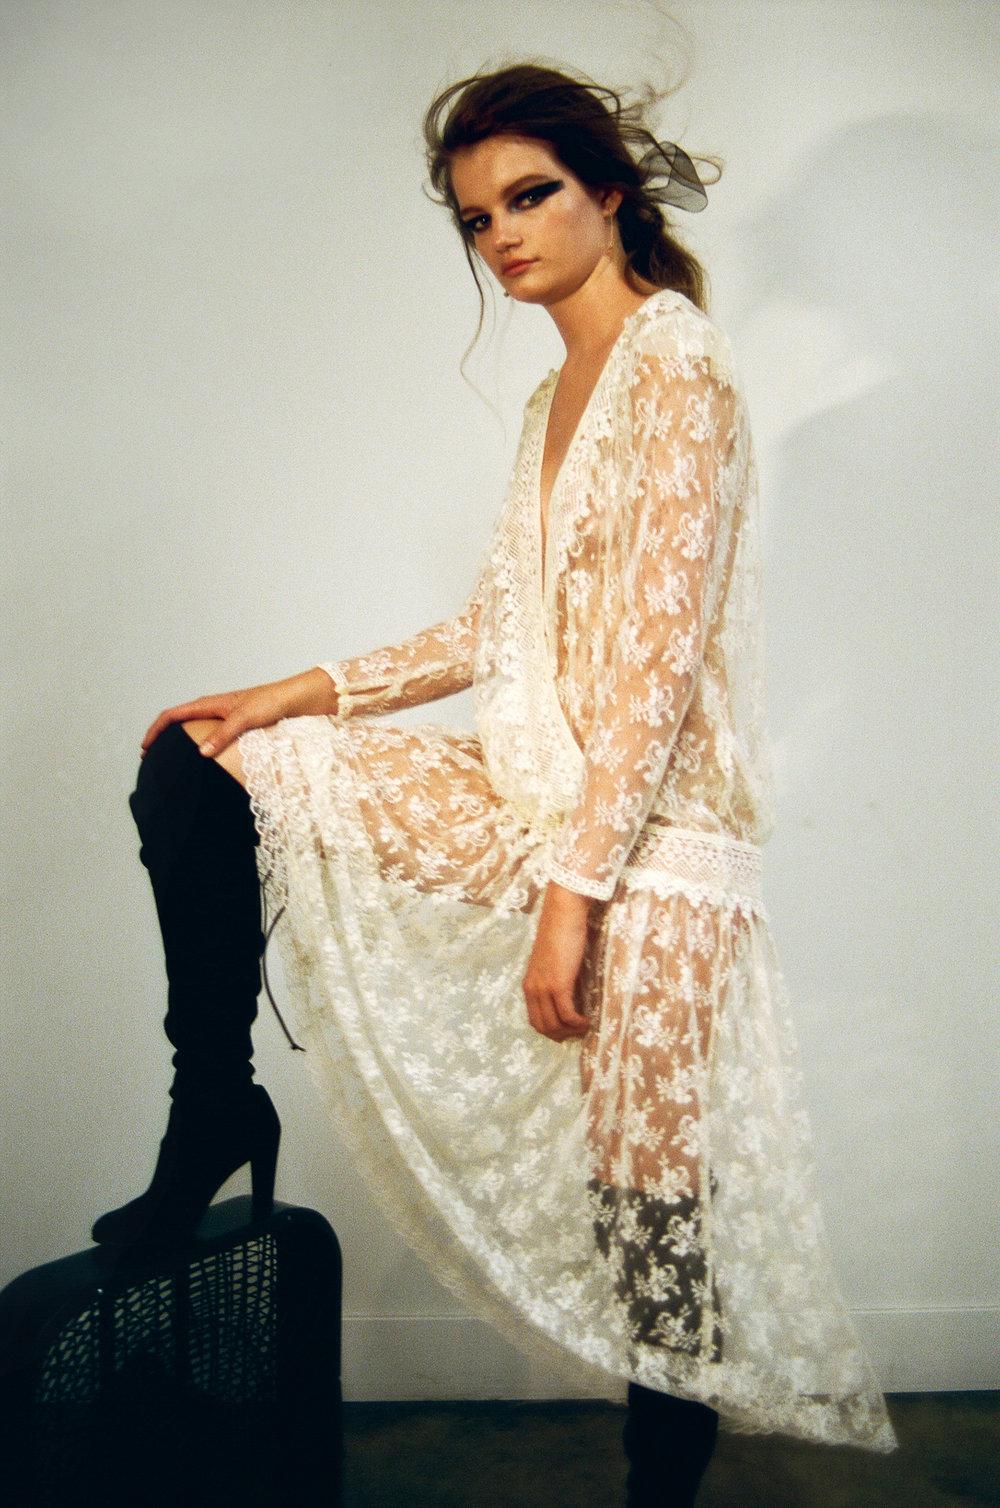 Vestido  vintage  y botas de  STUART WEITZMAN.